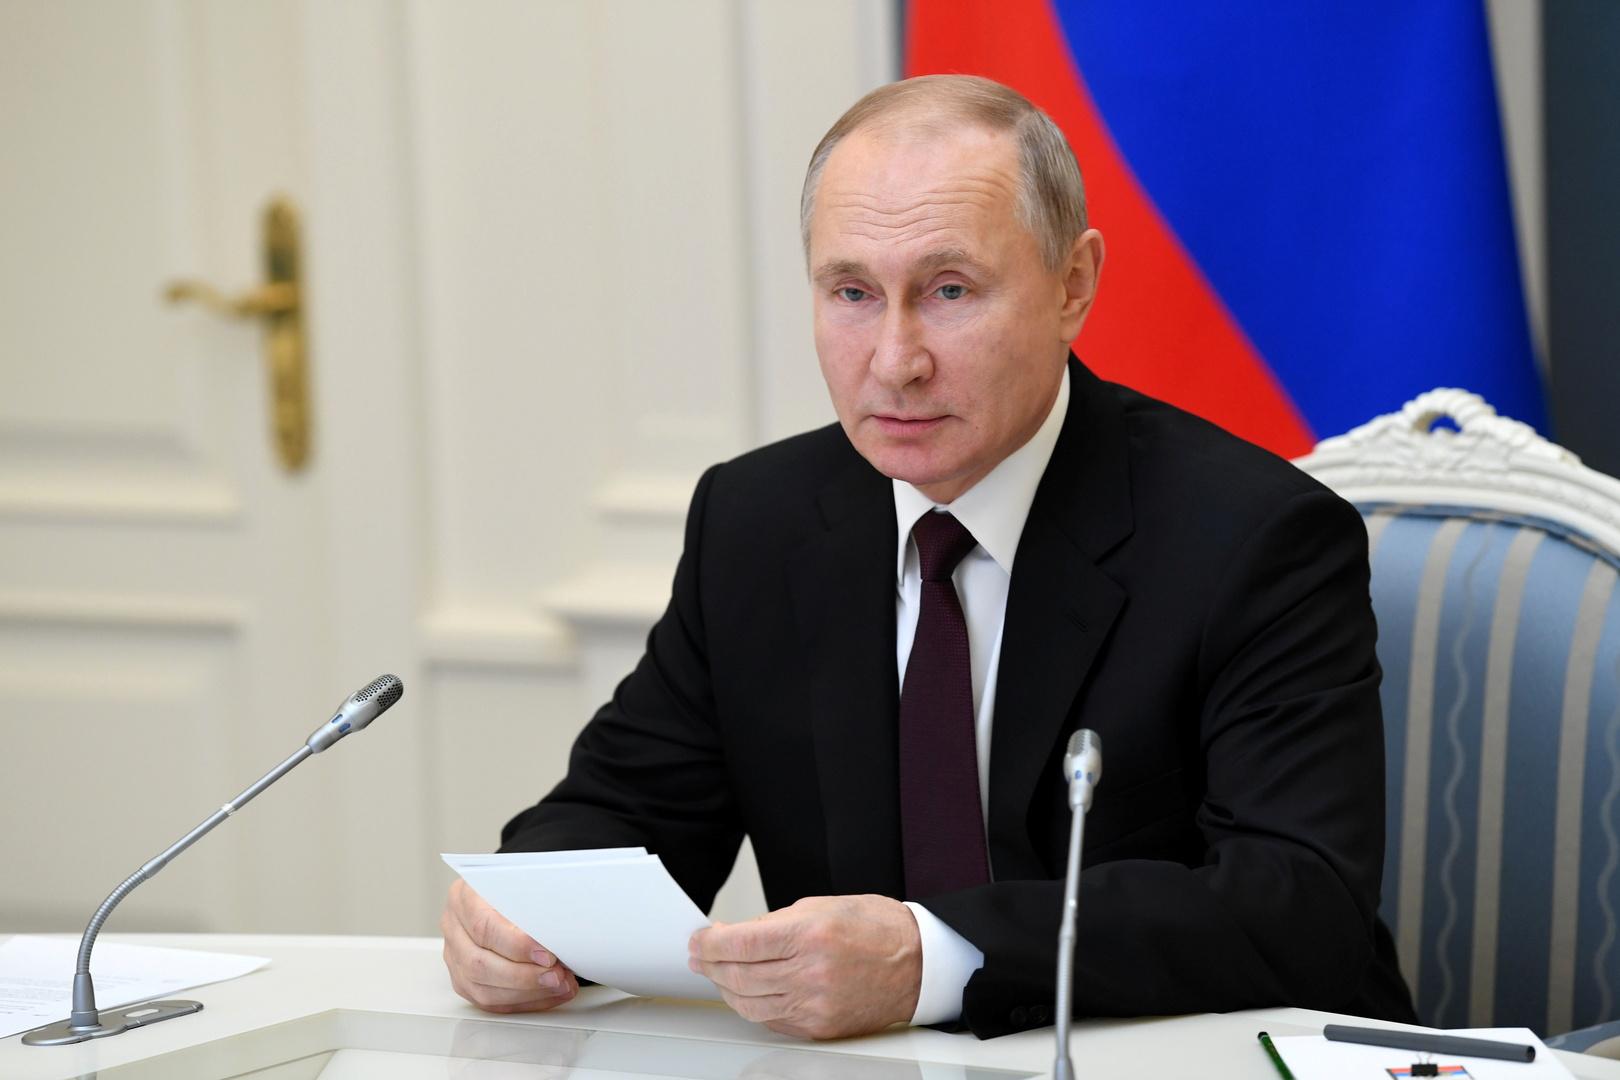 بوتين يهنئ الروس بعيد الميلاد